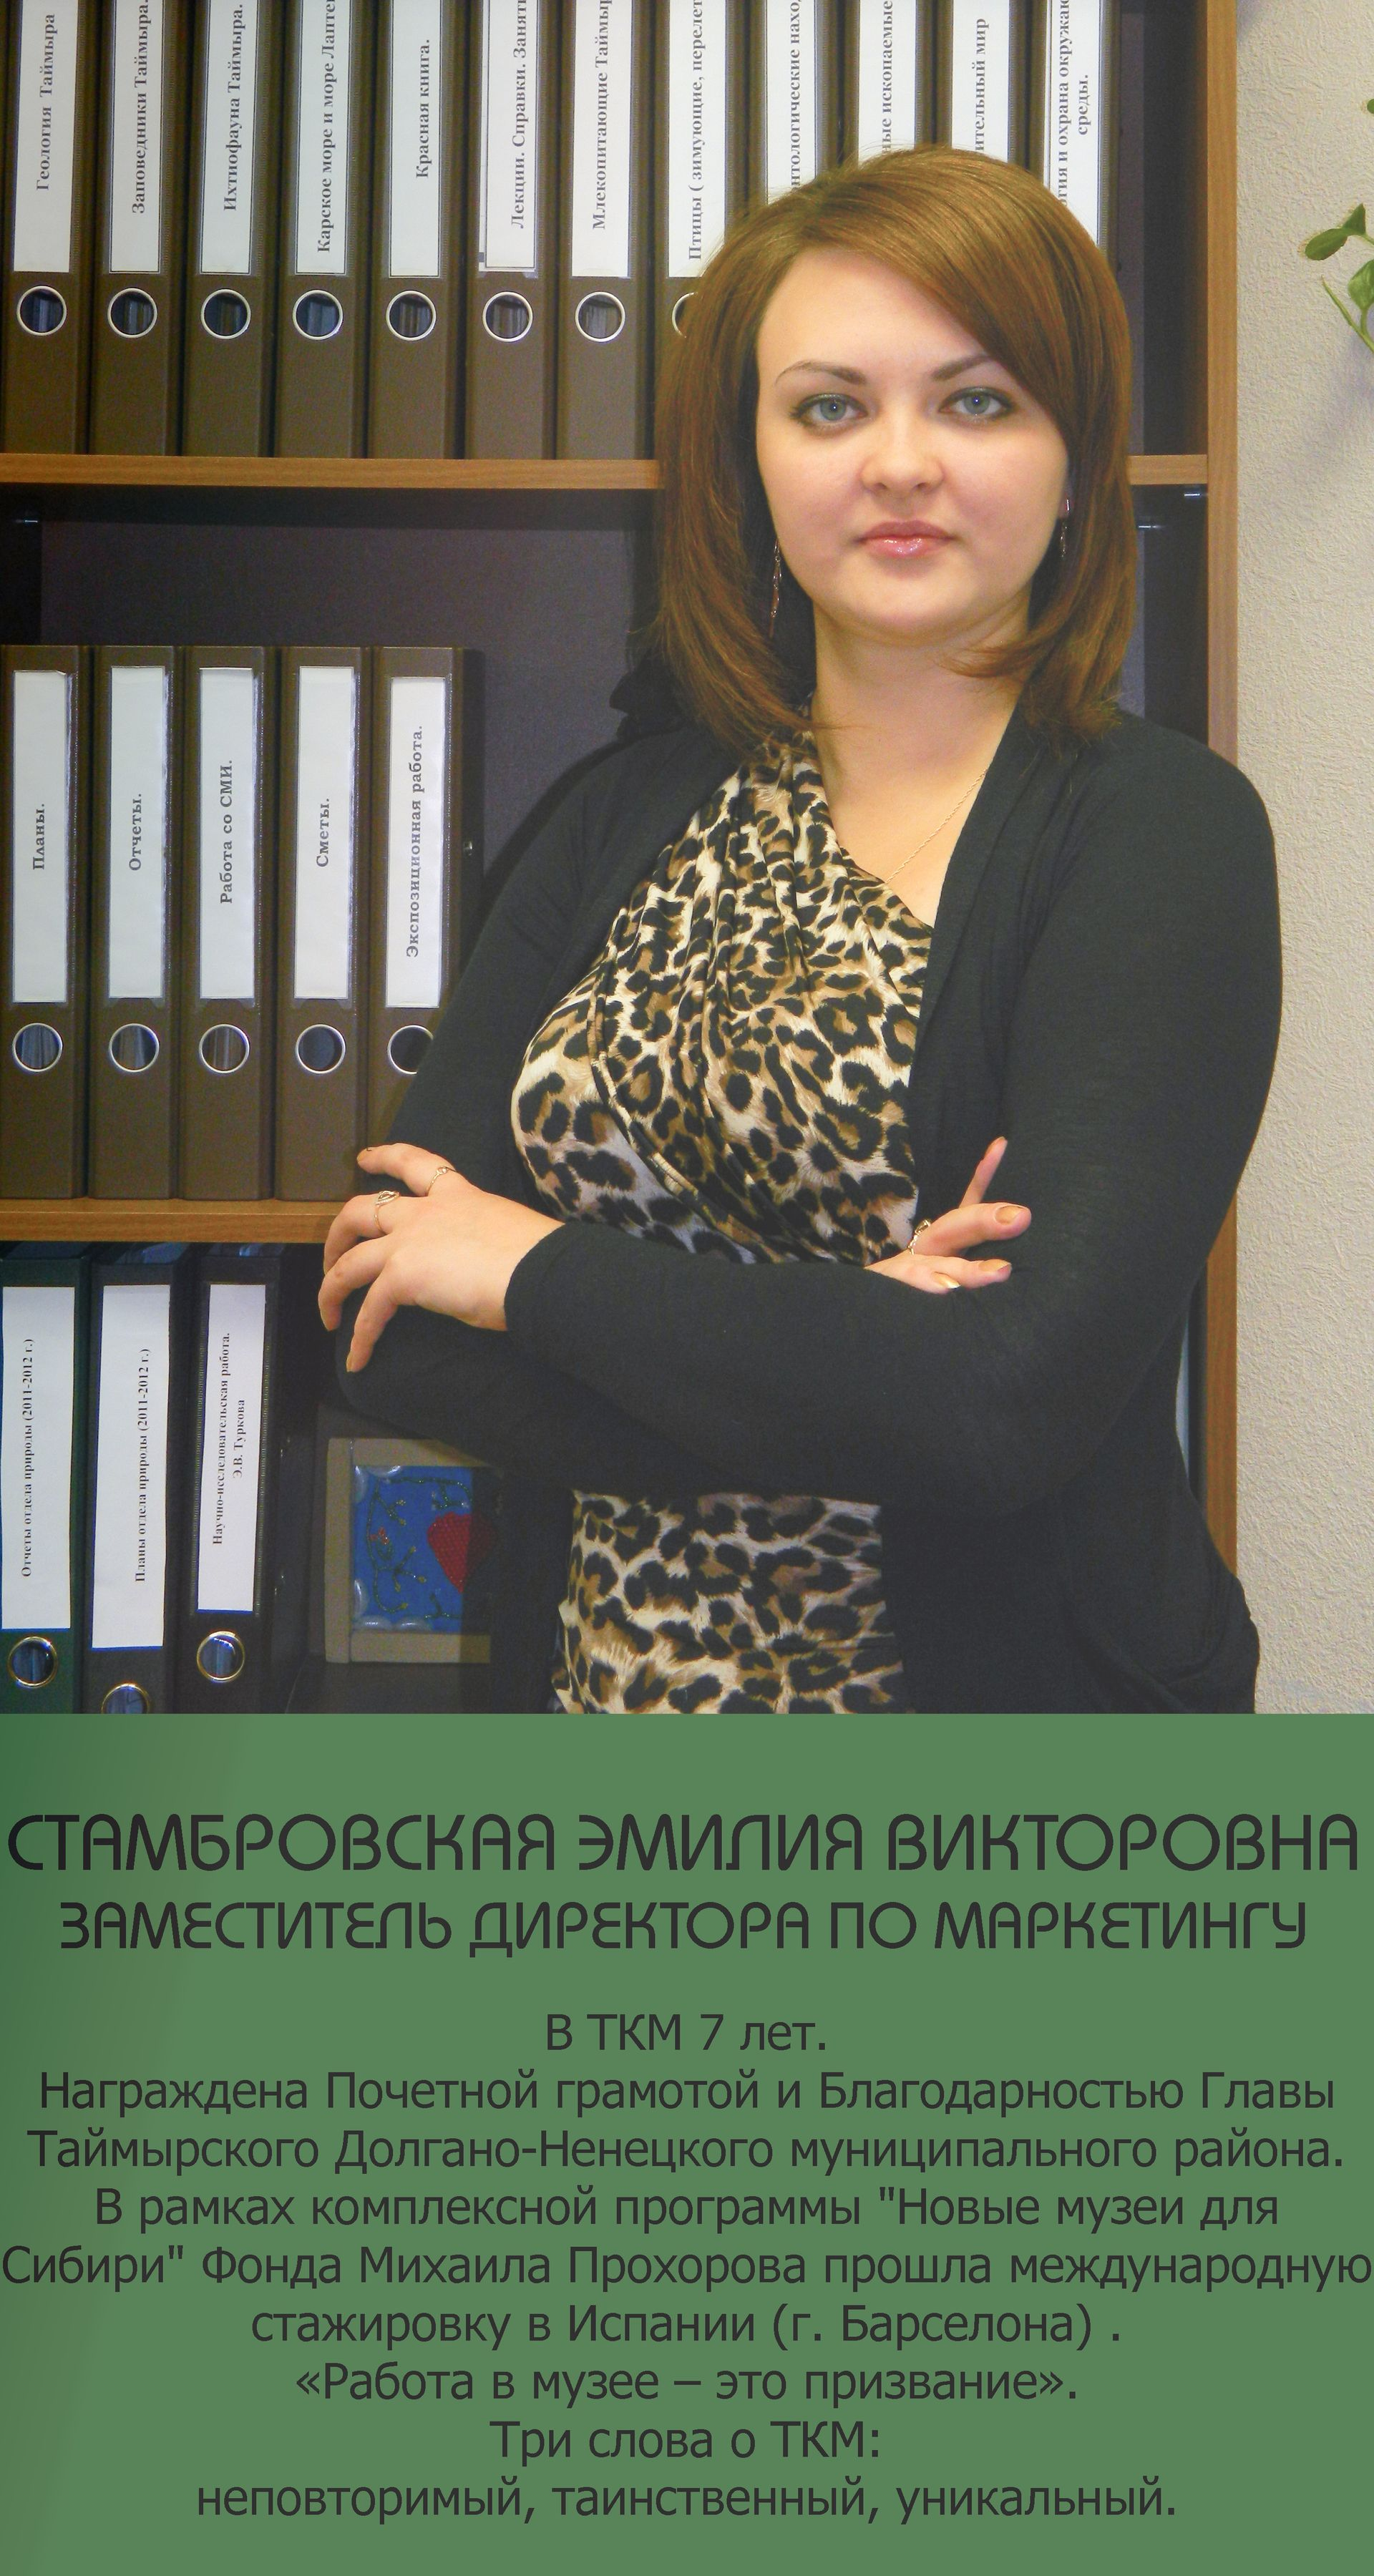 stambrovskaya